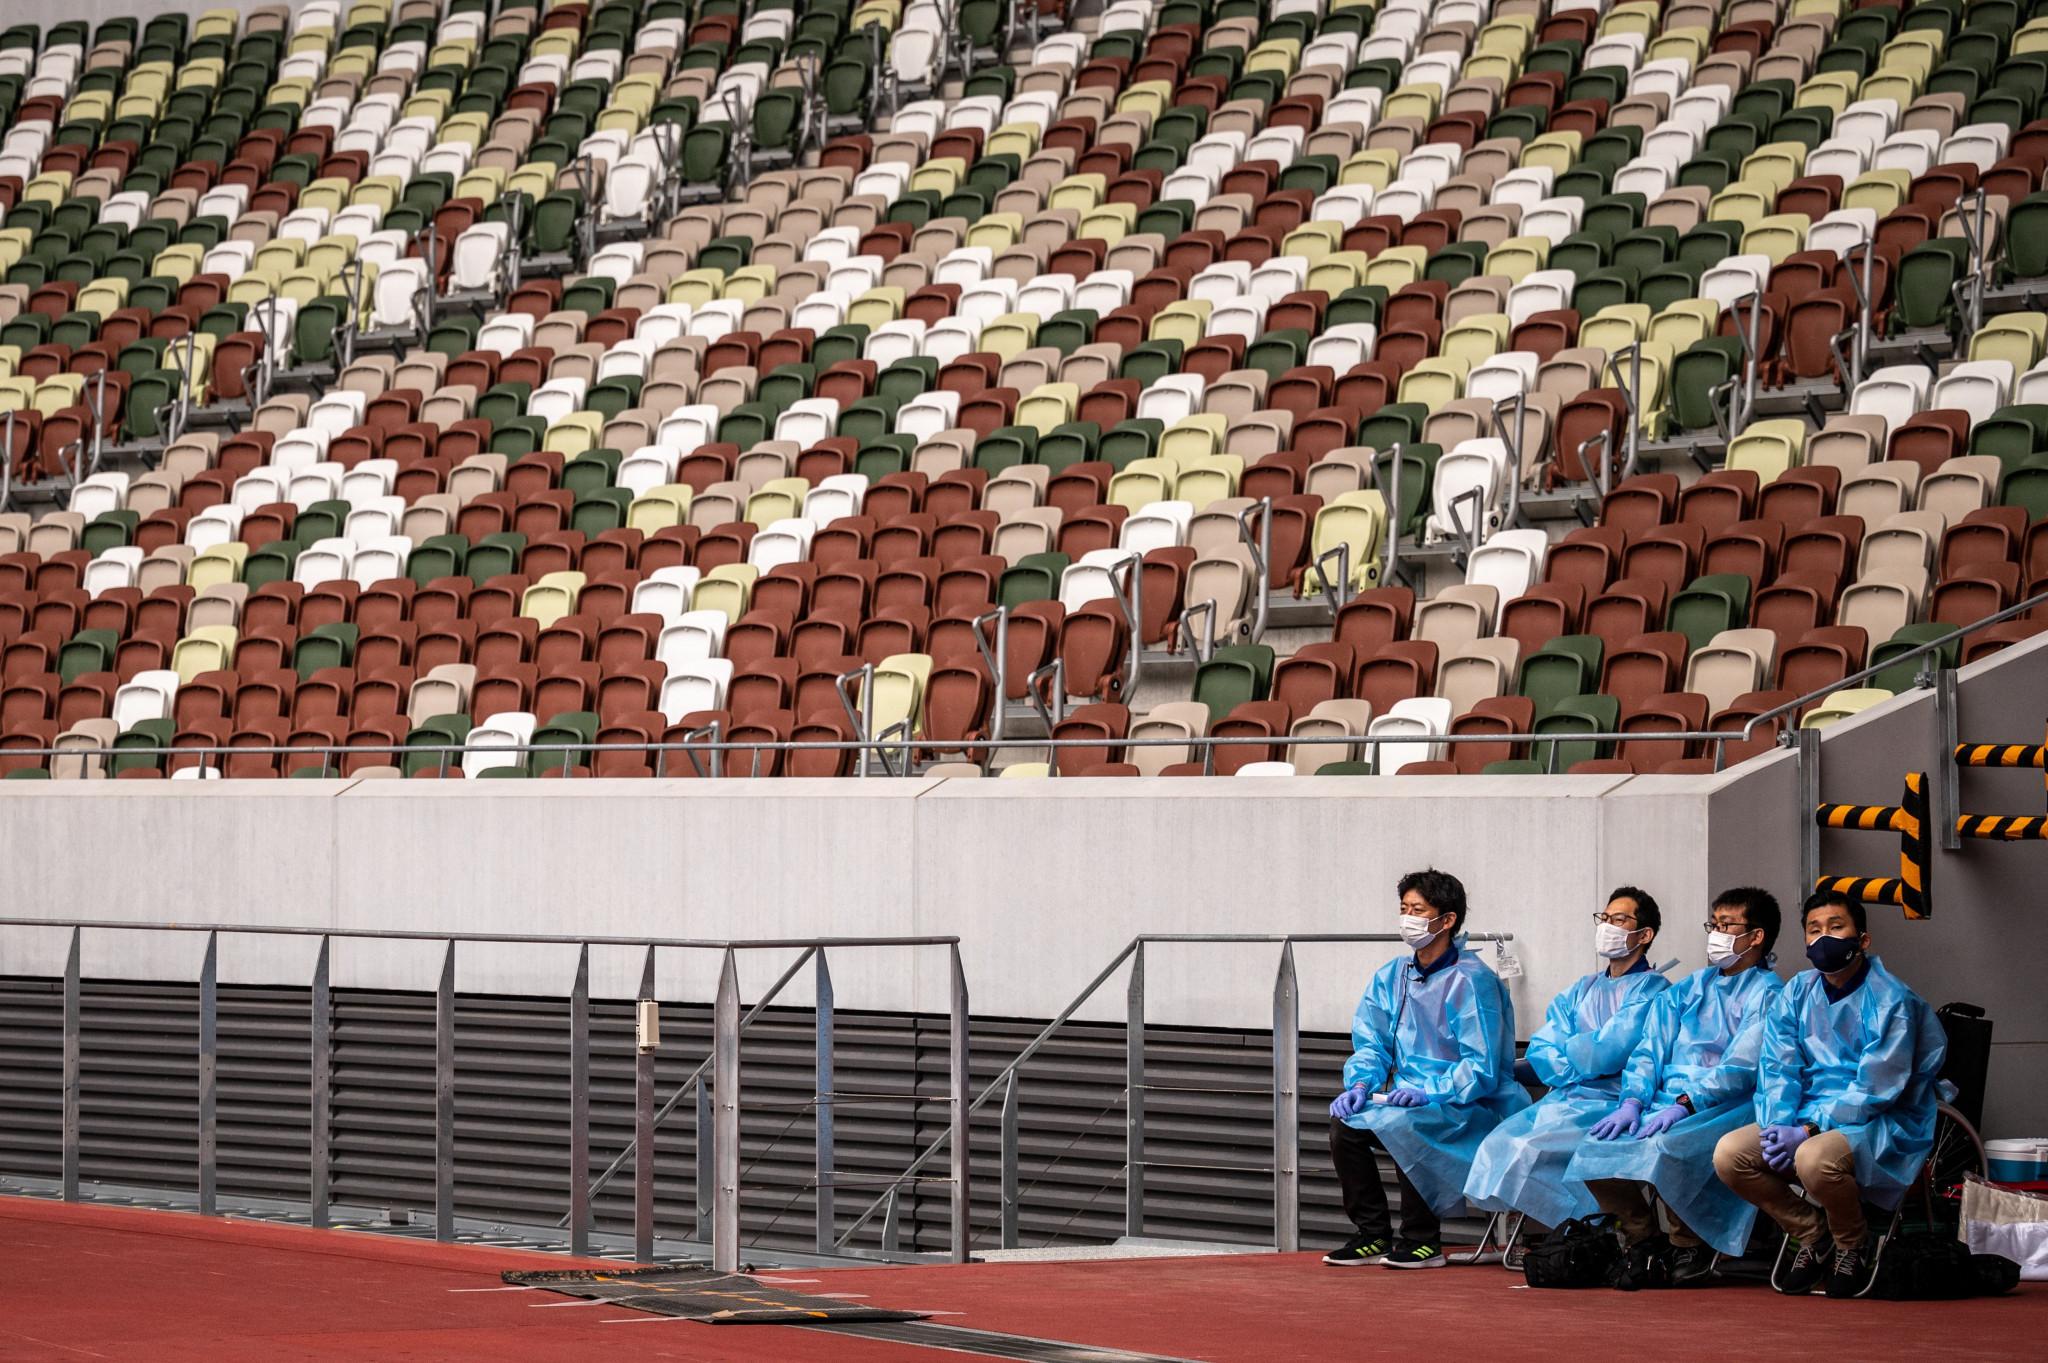 Gobierno japonés recibirá límite de 10 mil espectadores en Tokio 2020